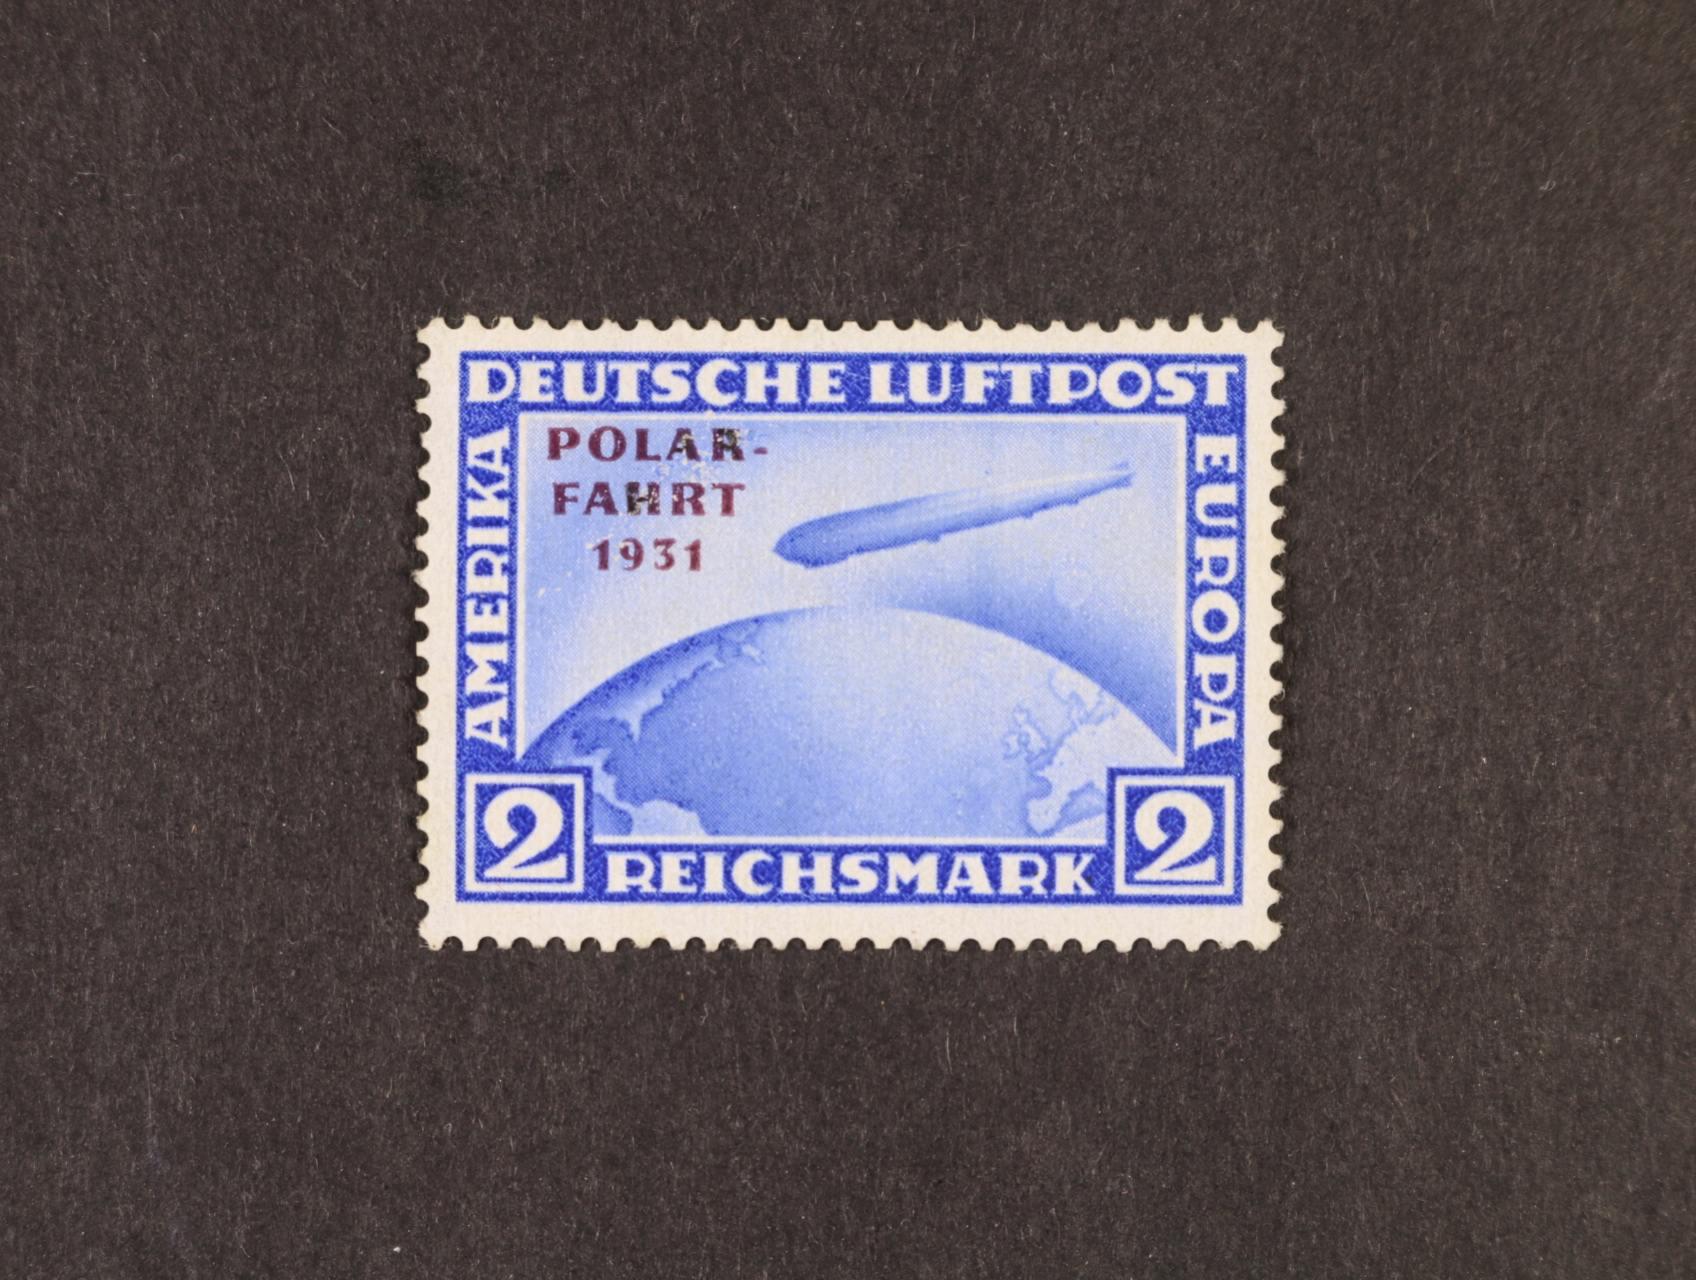 zn. Mi. č. 457 2RM Polarfahrt 1931, 1300 EUR